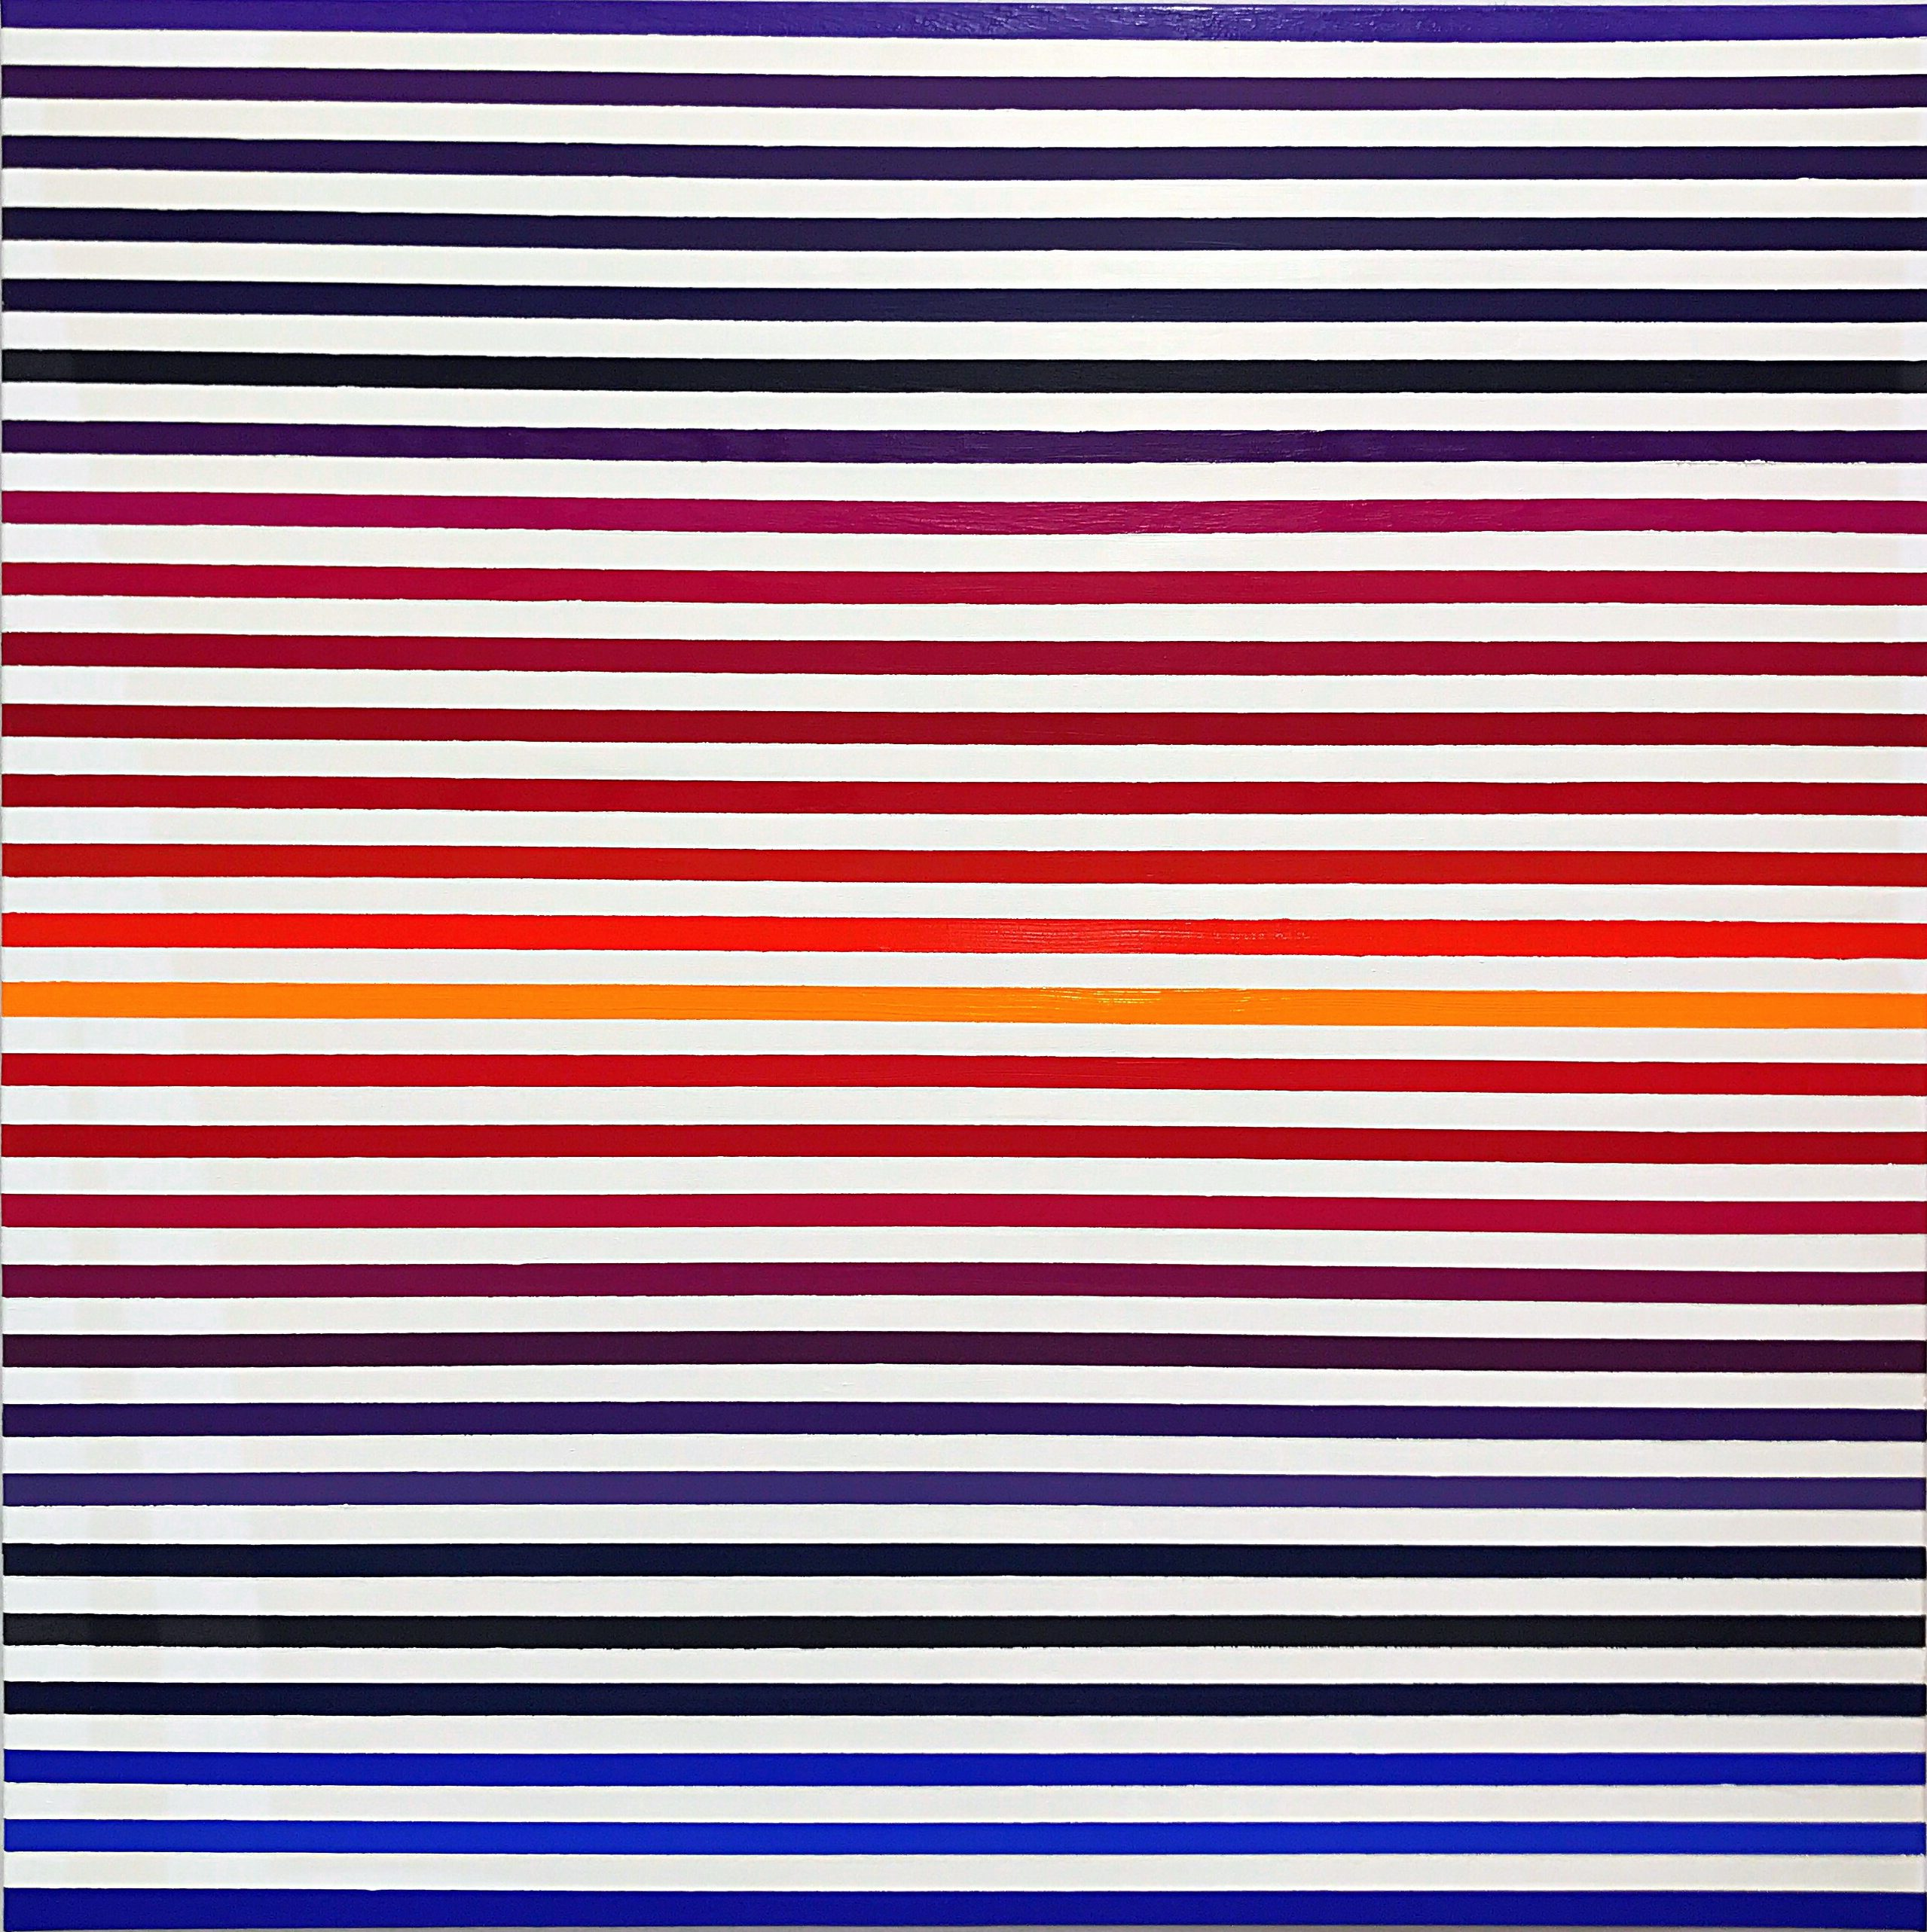 WAHRNEHMUNGSSTREIFEN 011 Canvas  100 x 100 x 2 cm  Acrylic Oil on canvas